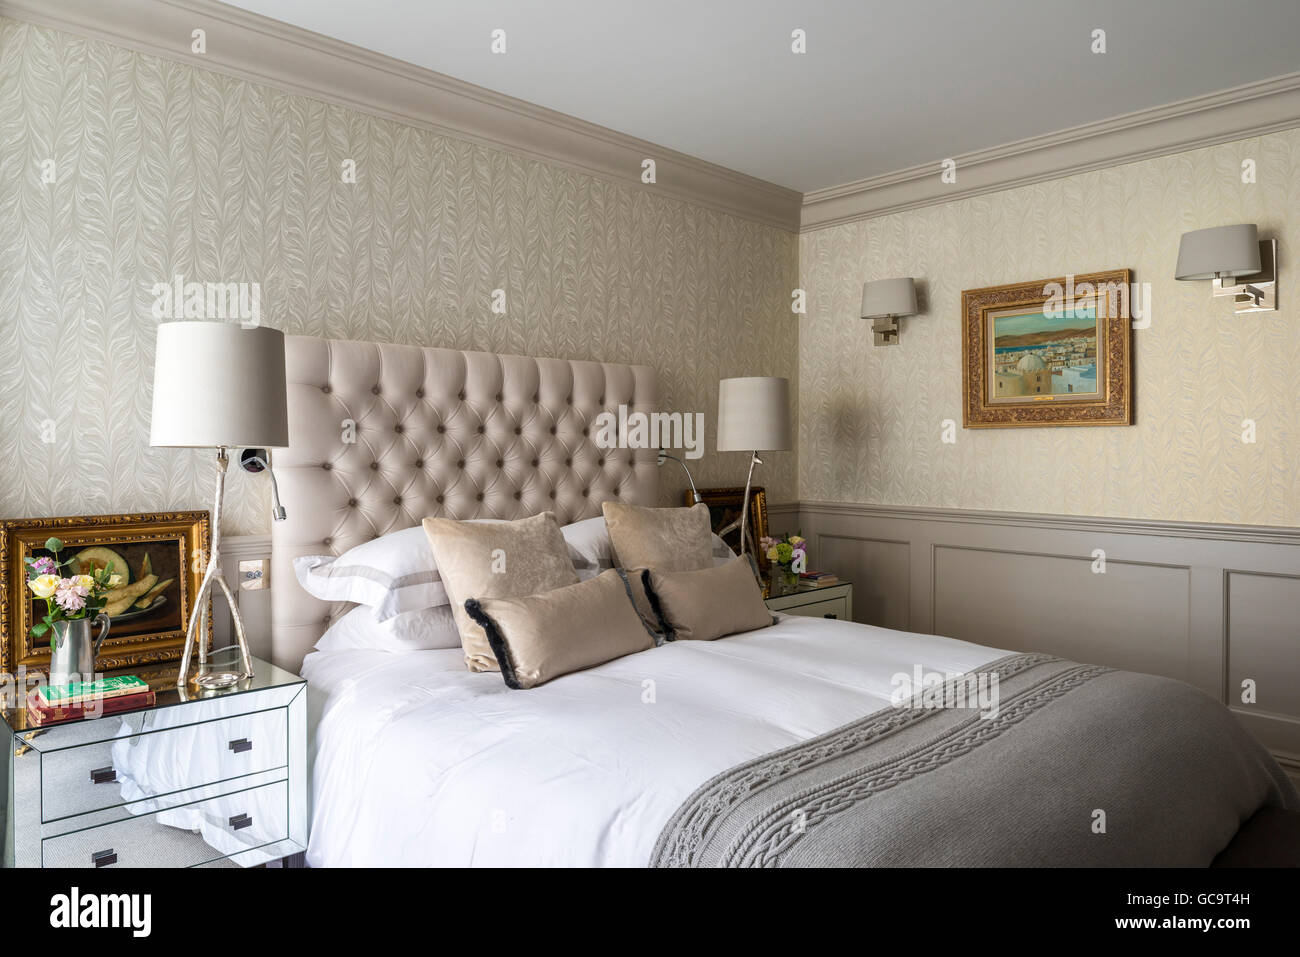 miroir tete de lit beautiful lumineuse lit dessus chambre. Black Bedroom Furniture Sets. Home Design Ideas